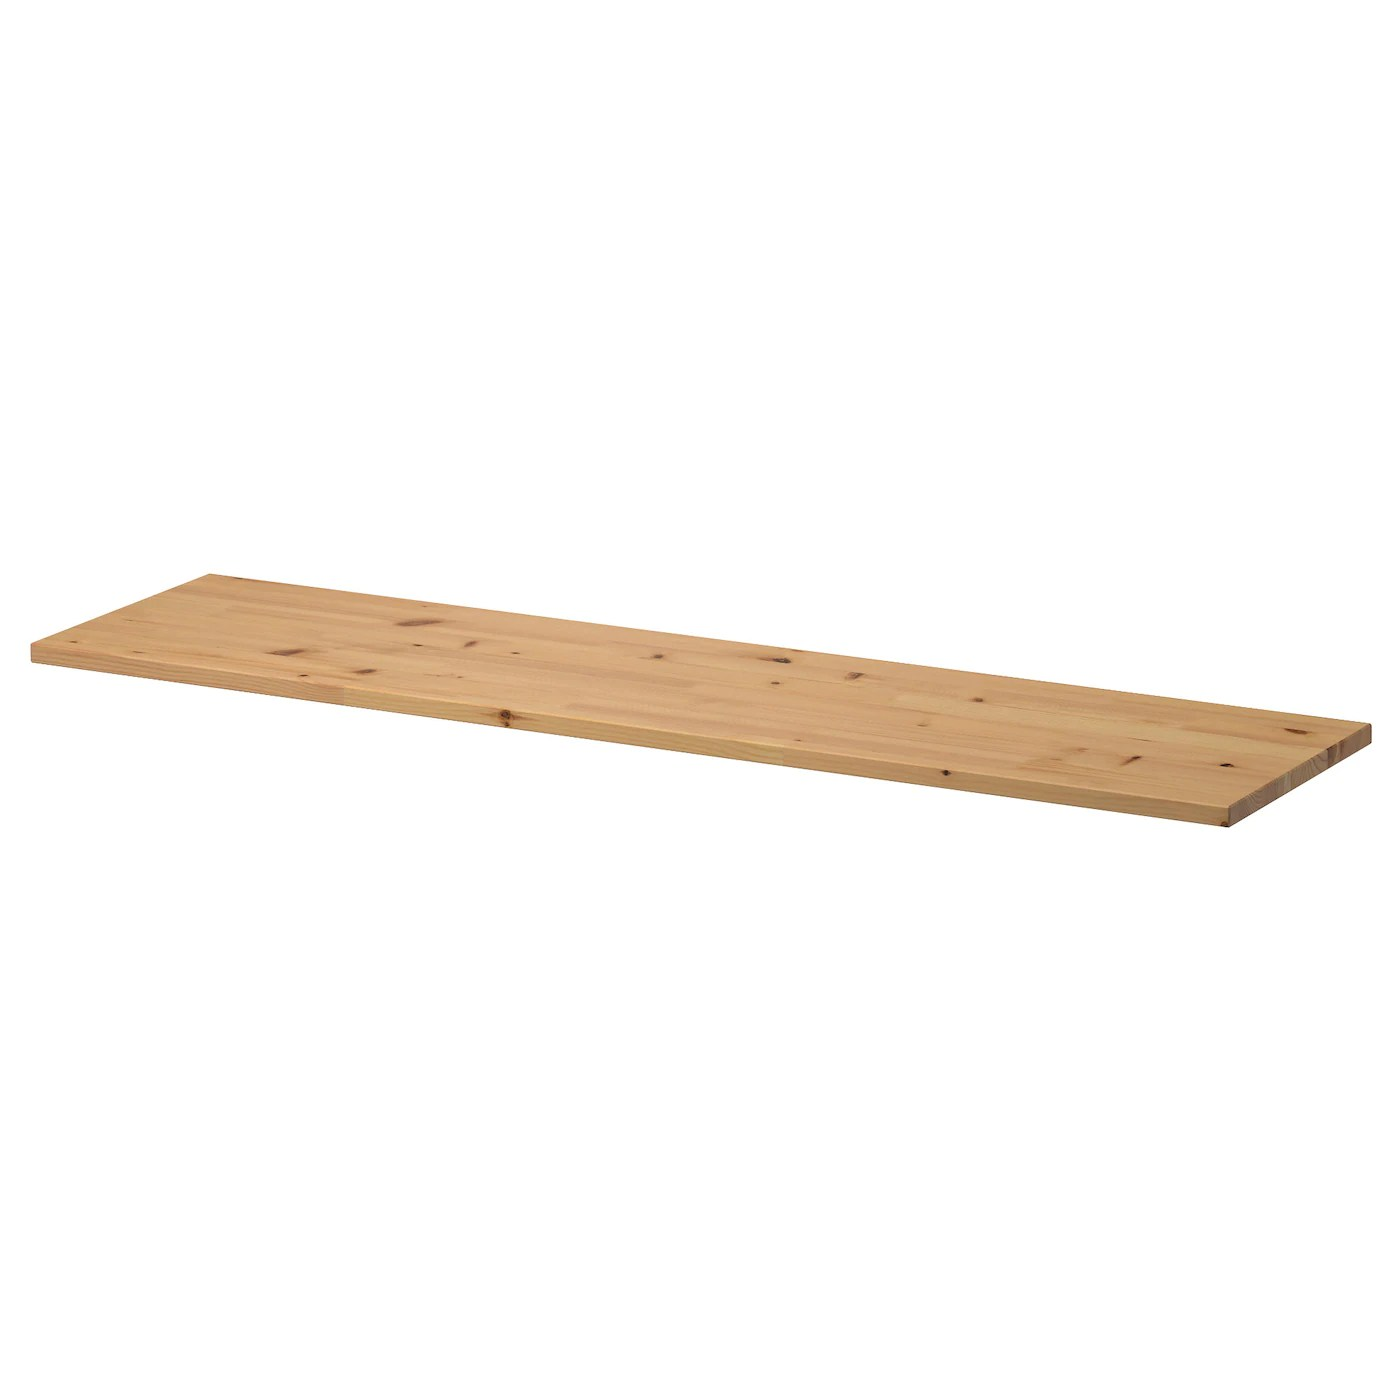 Boekenplank Met Lade.Duraline Wandplank Met Lade Wandplank Zwevend 200 Cm Vergelijken